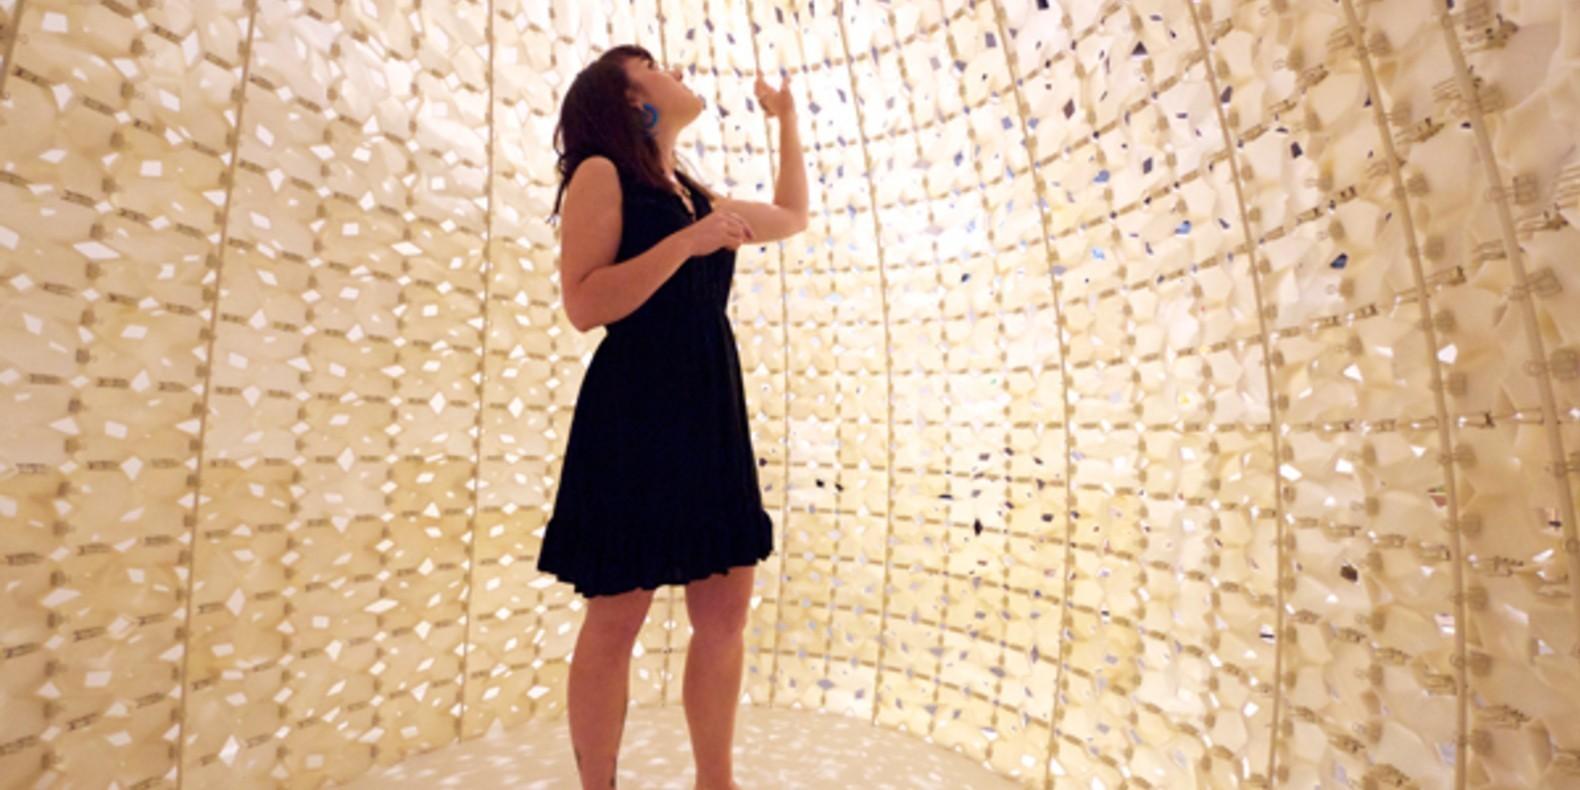 saltroom emerging objects printed 3D impression 3D sel cults3D cults fichier saltygloo igloo imprimé en 3D